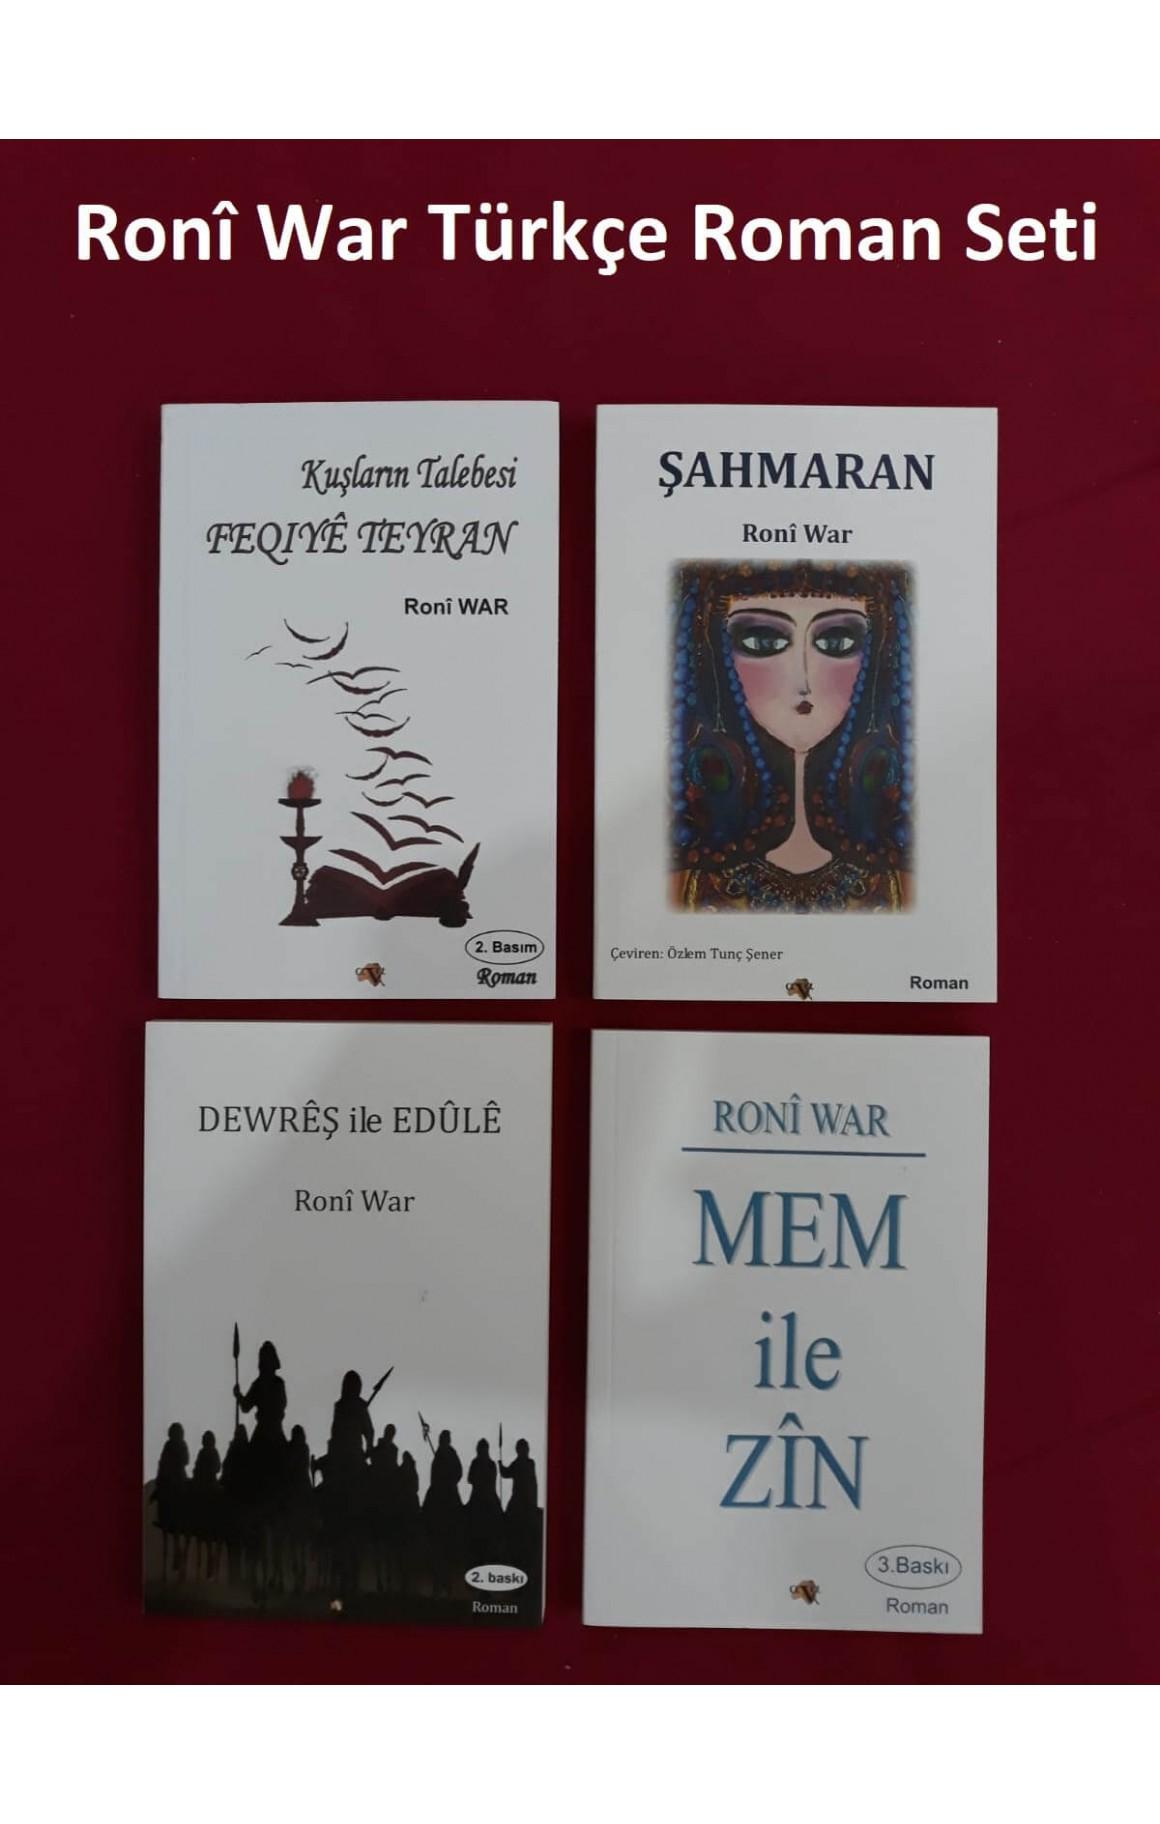 Ronî War Türkçe Roman Seti